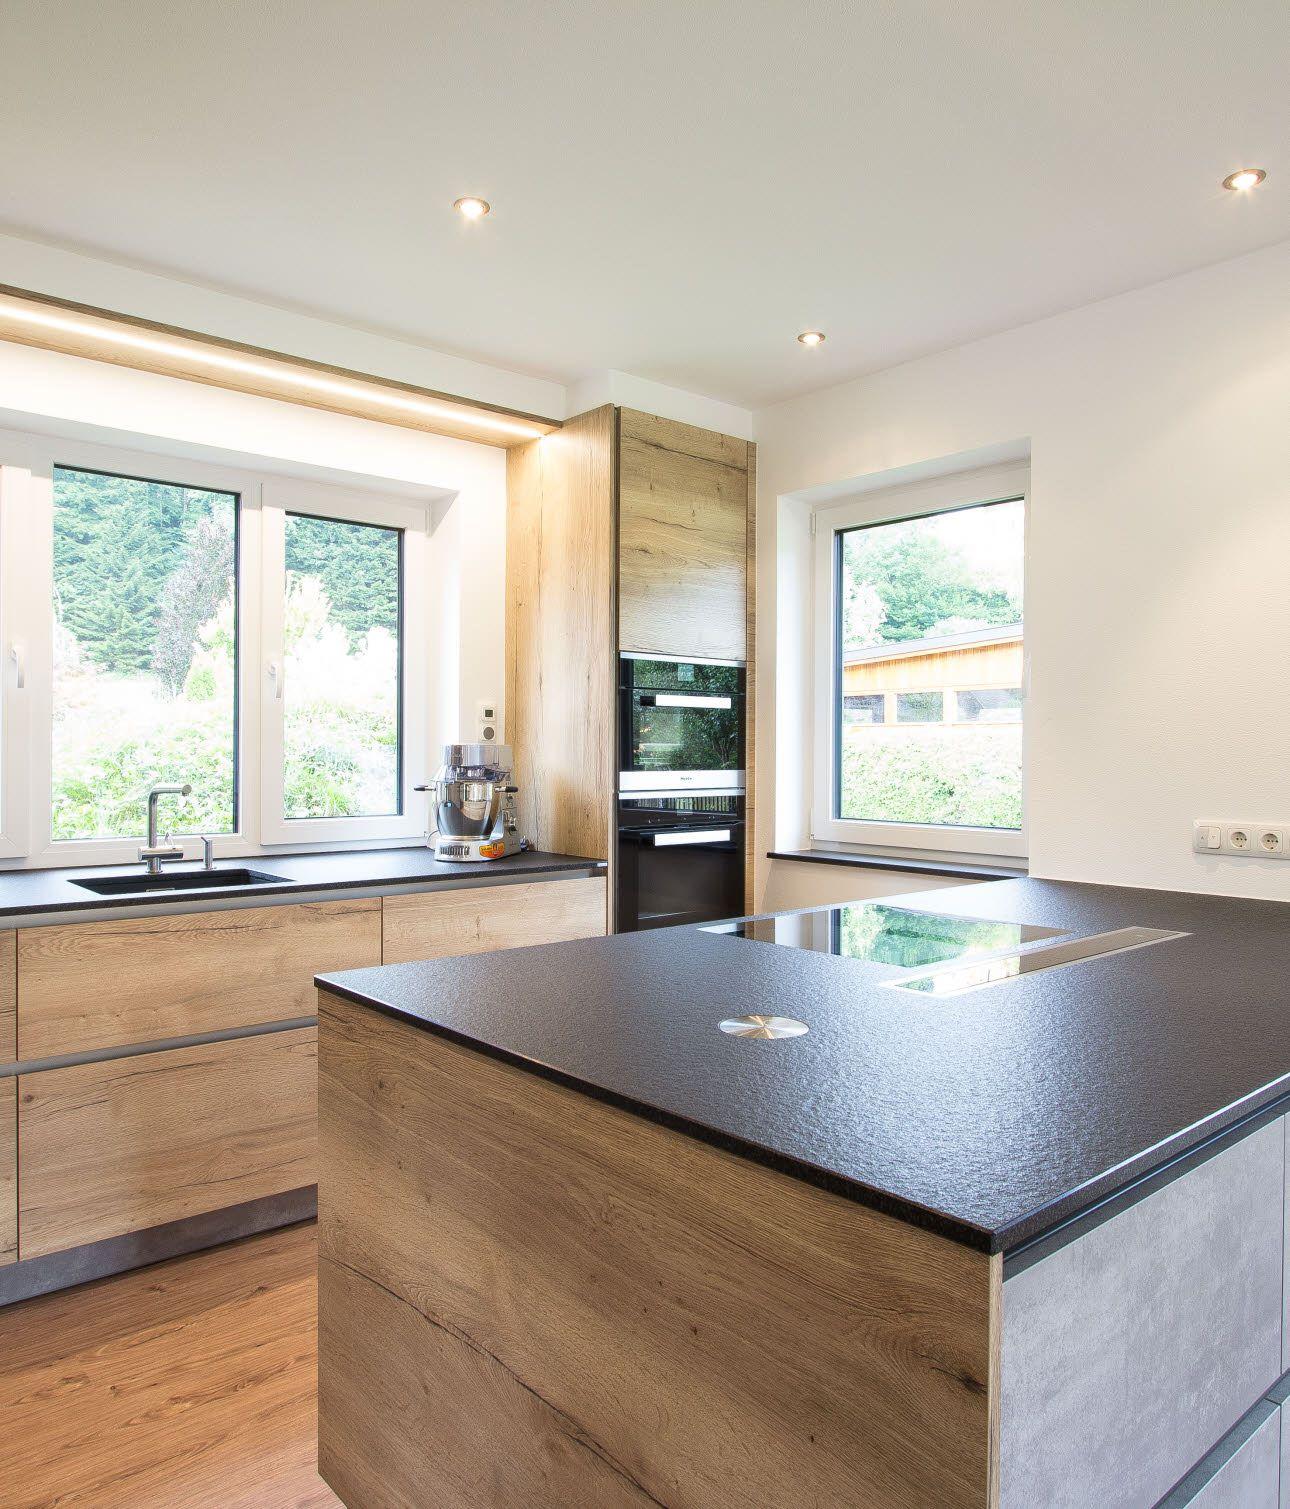 Küche in Betonoptik mit viel Stauraum  Küche betonoptik, Küche